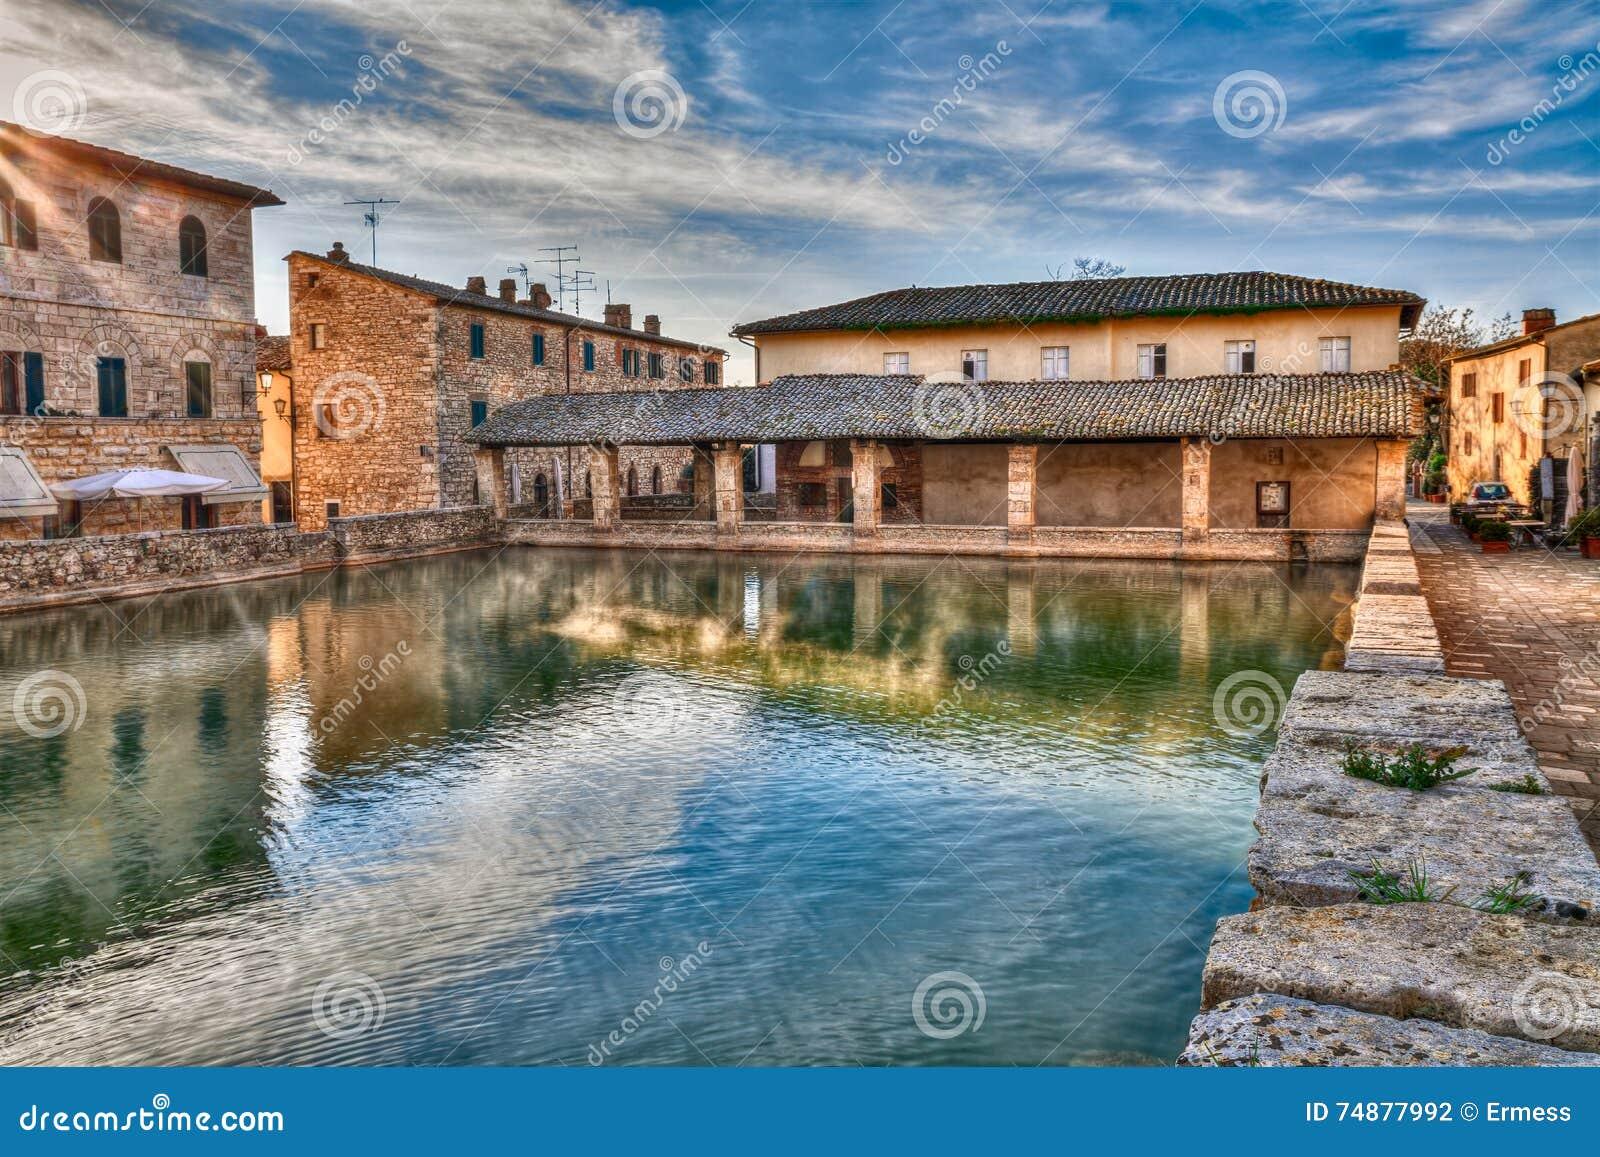 Vecchio terme in bagno vignoni toscana italia fotografia stock immagine di stagno italiano - Il loggiato bagno vignoni ...